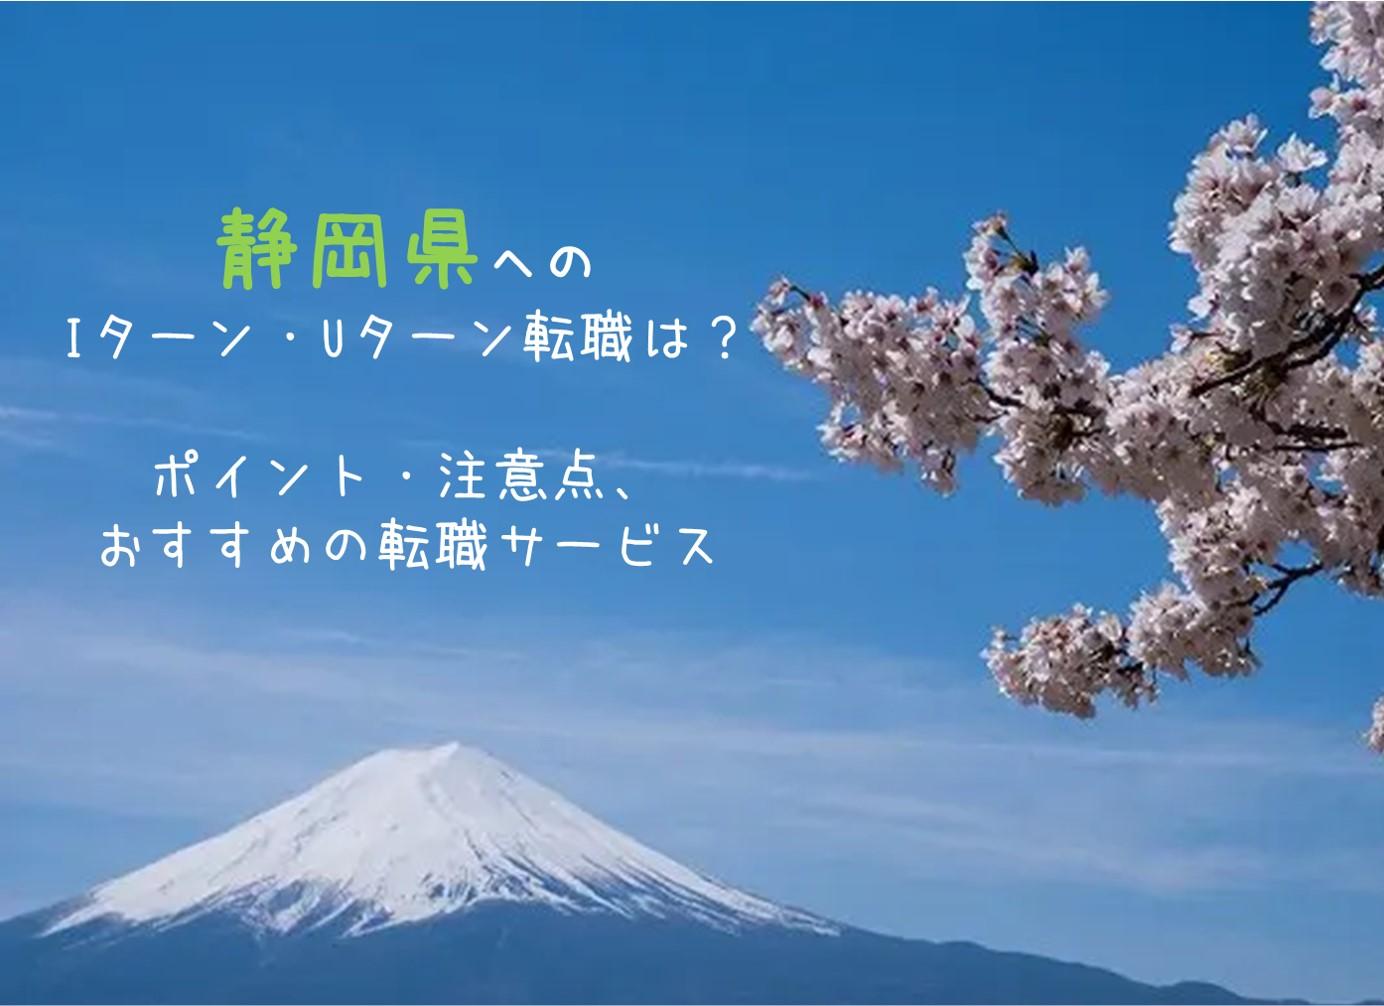 静岡県にIターン・Uターン転職する?ポイント・注意点とおすすめ転職サイト・転職エージェント